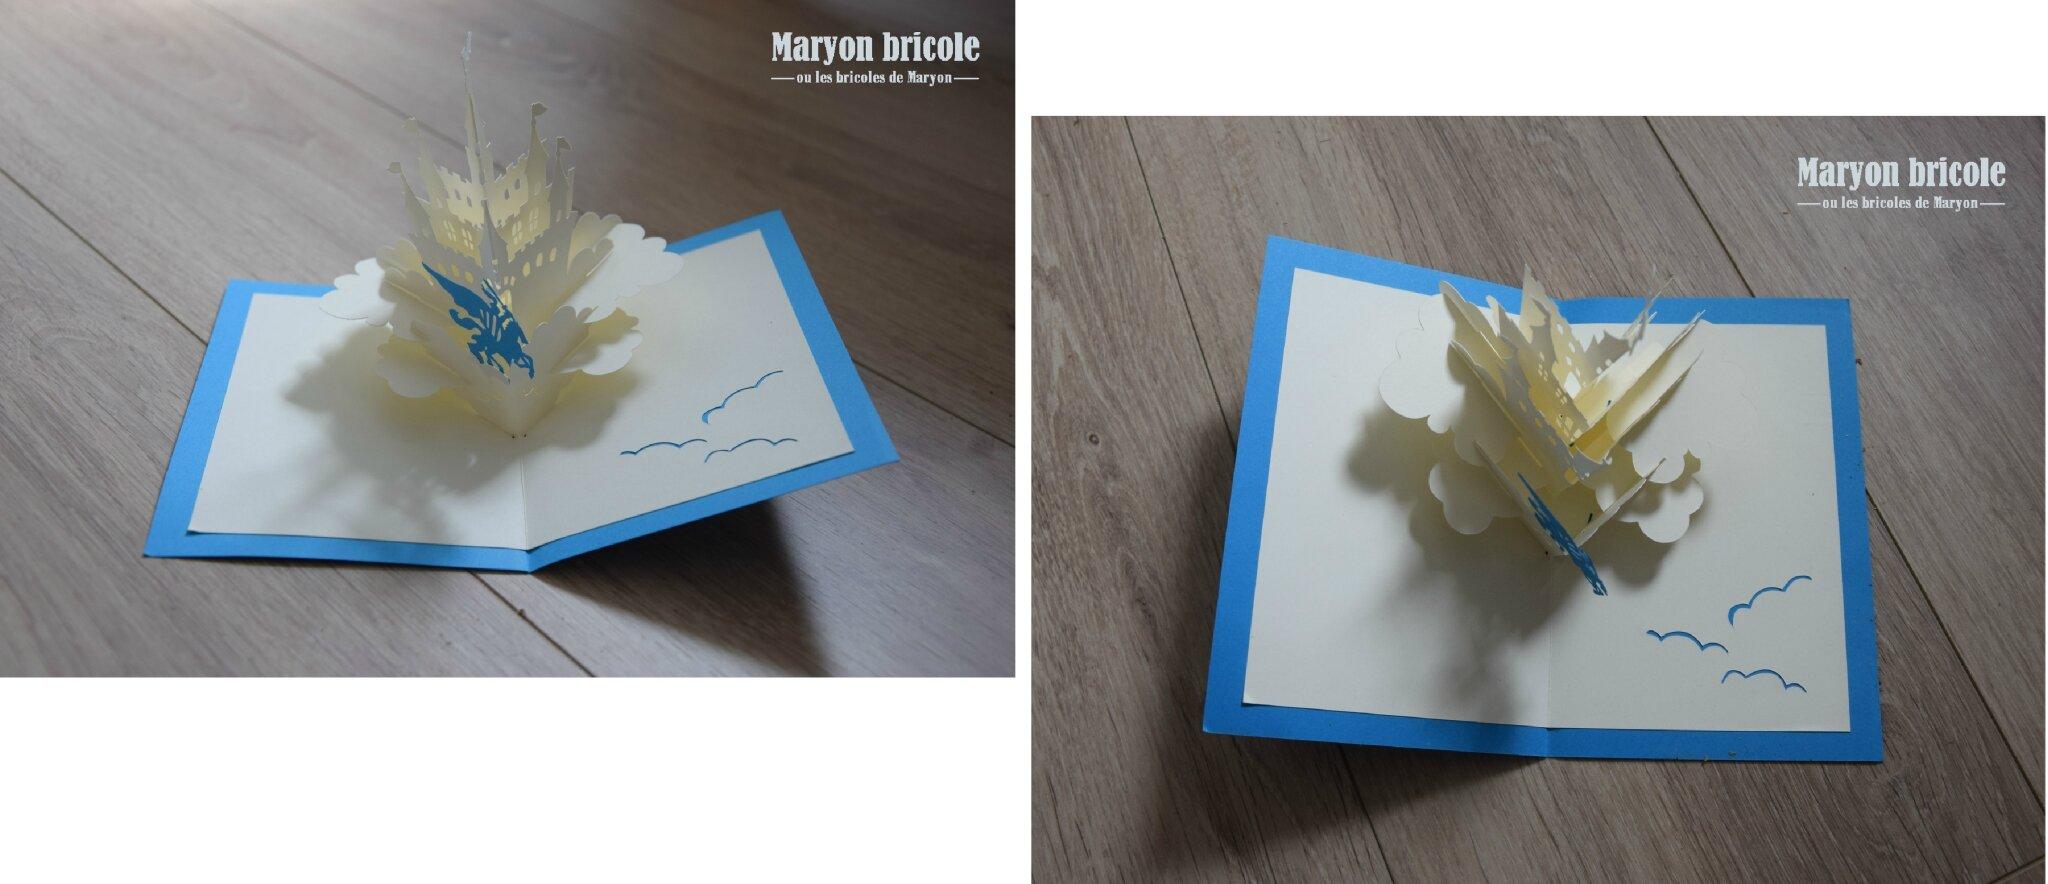 Carte De Voeux 3D A Fabriquer juillet 2016 : tous les messages - maryon bricole, ou les